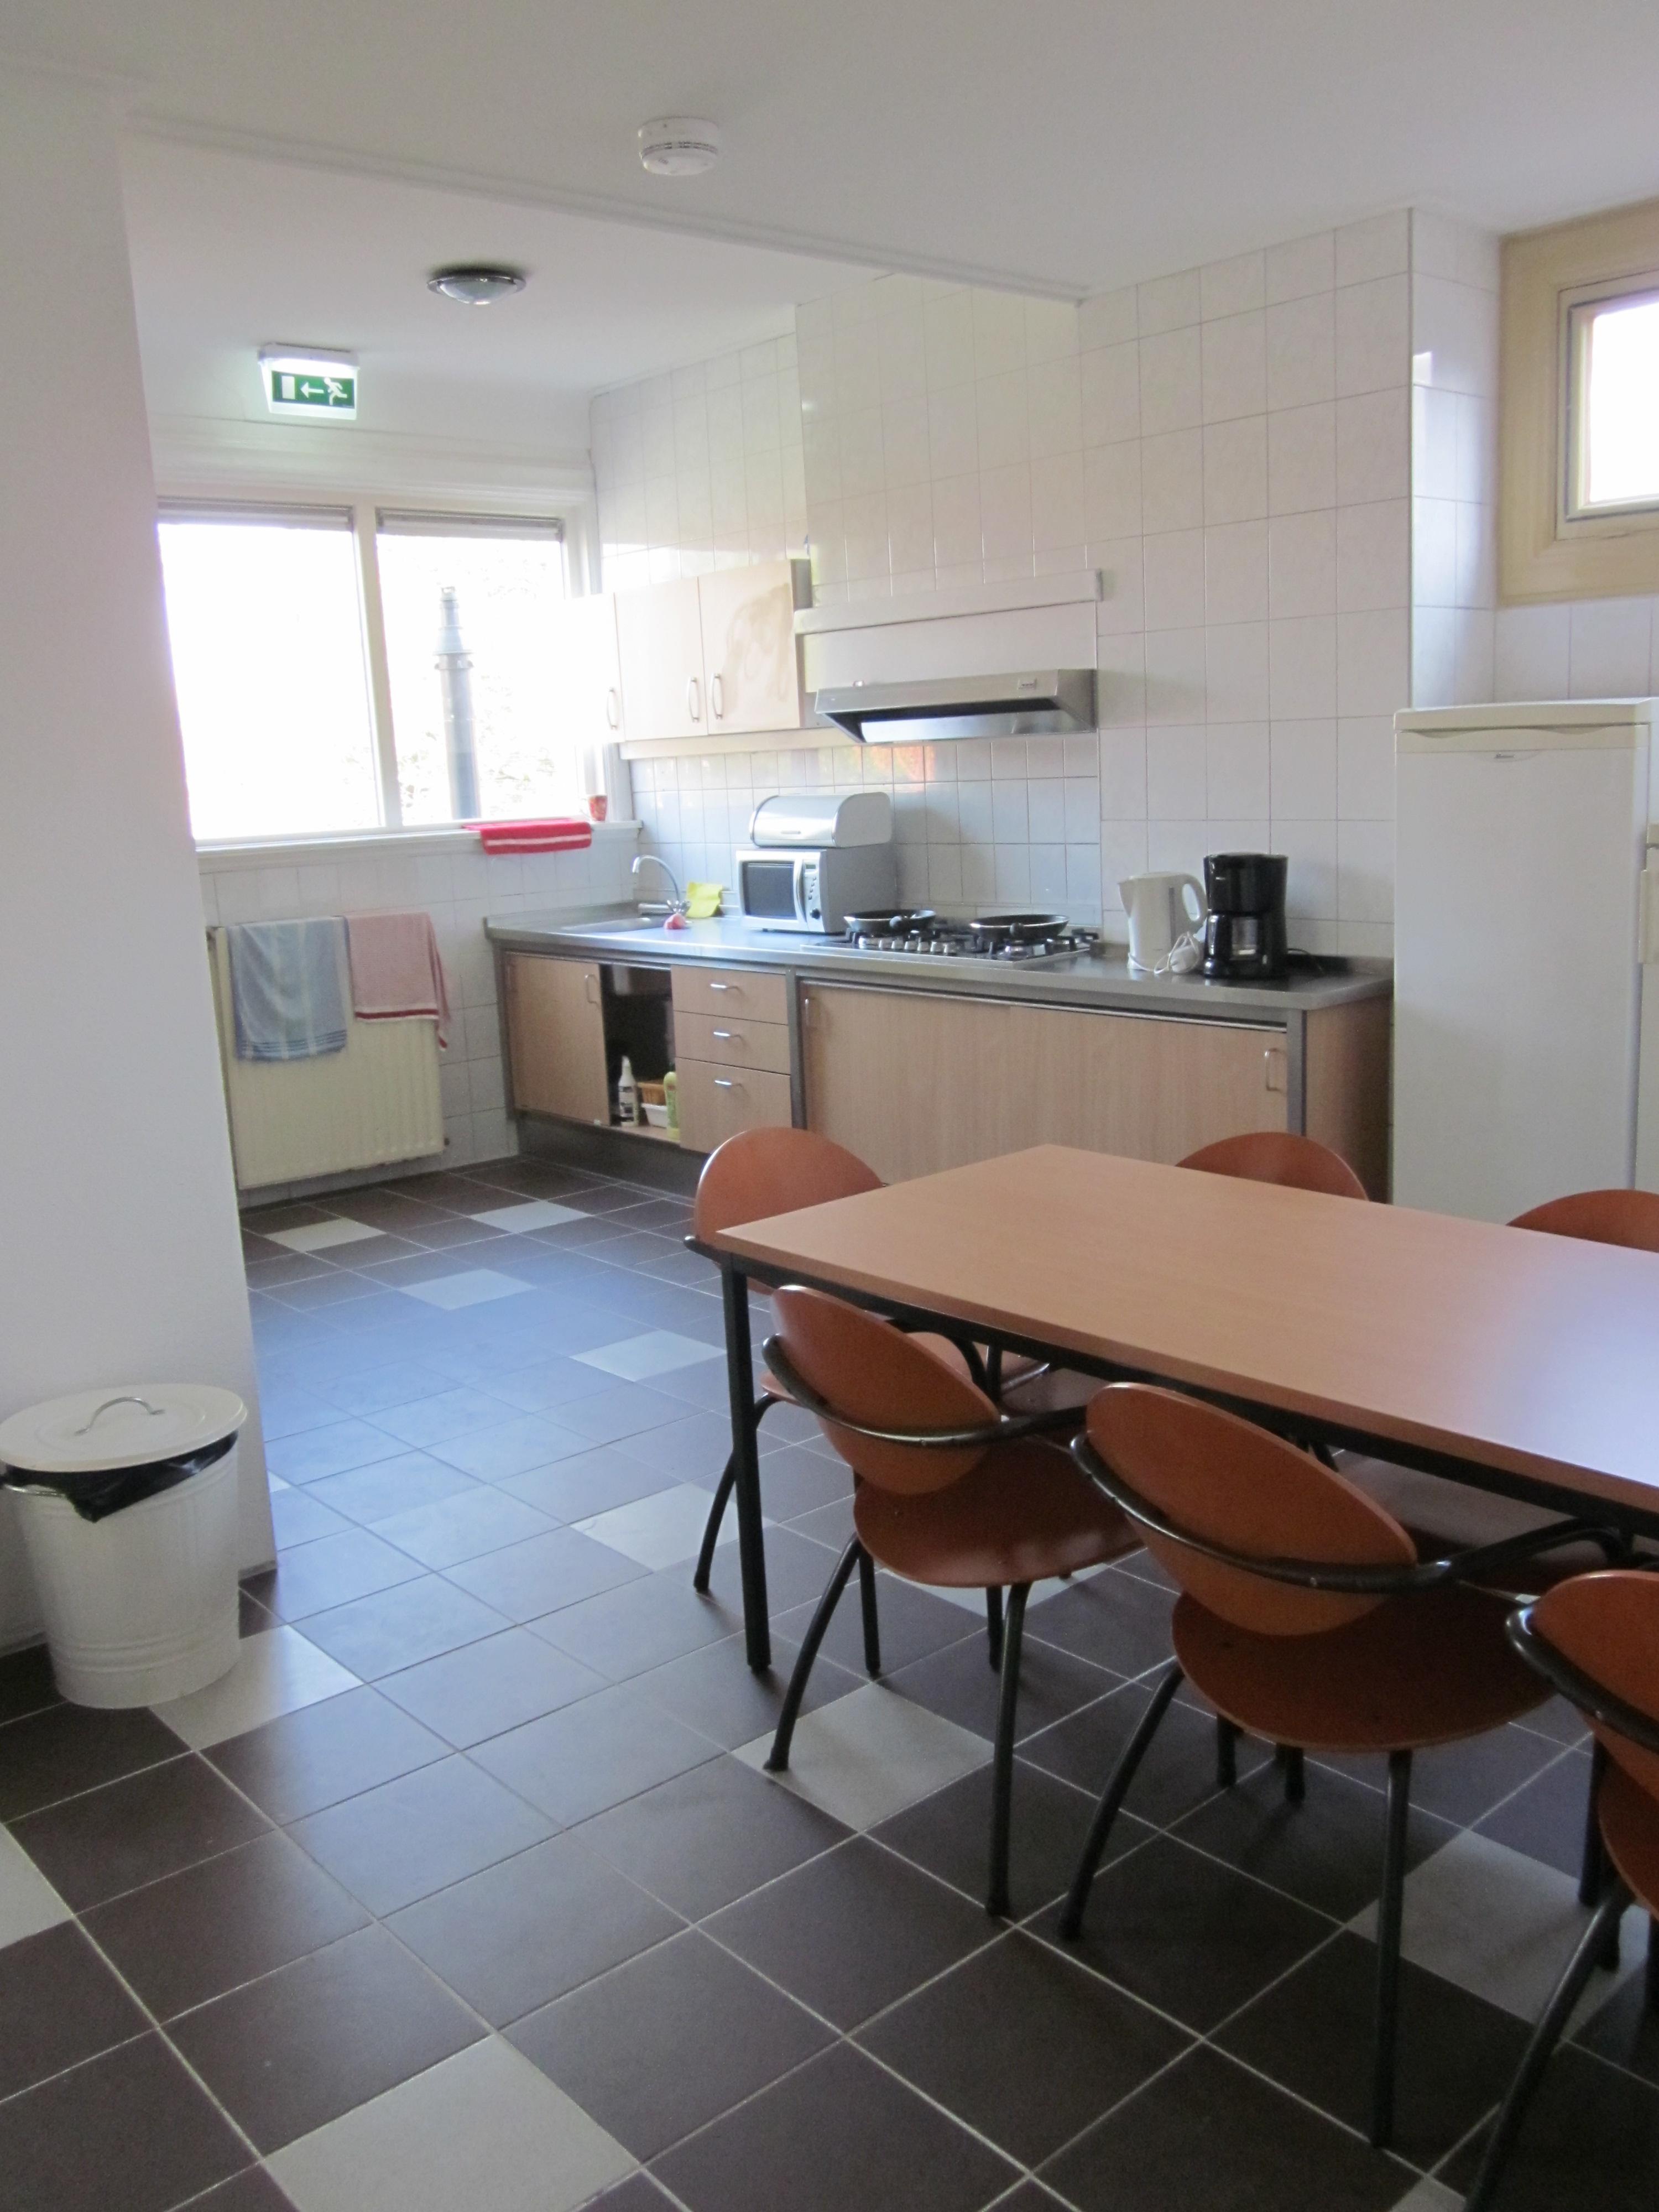 Te huur 4001 1 studenten kamer in het centrum van enschede twents vast enschede - Center meubilair keuken ...